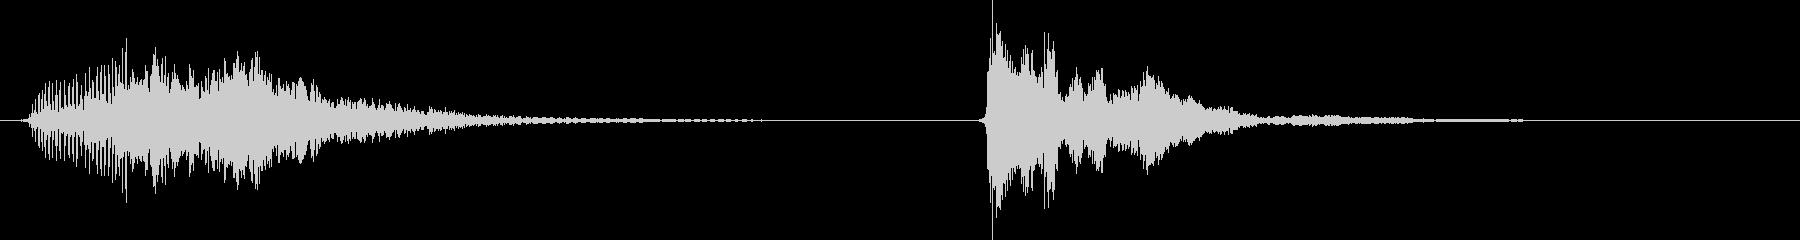 コルク栓やスクリューキャップを抜く音01の未再生の波形